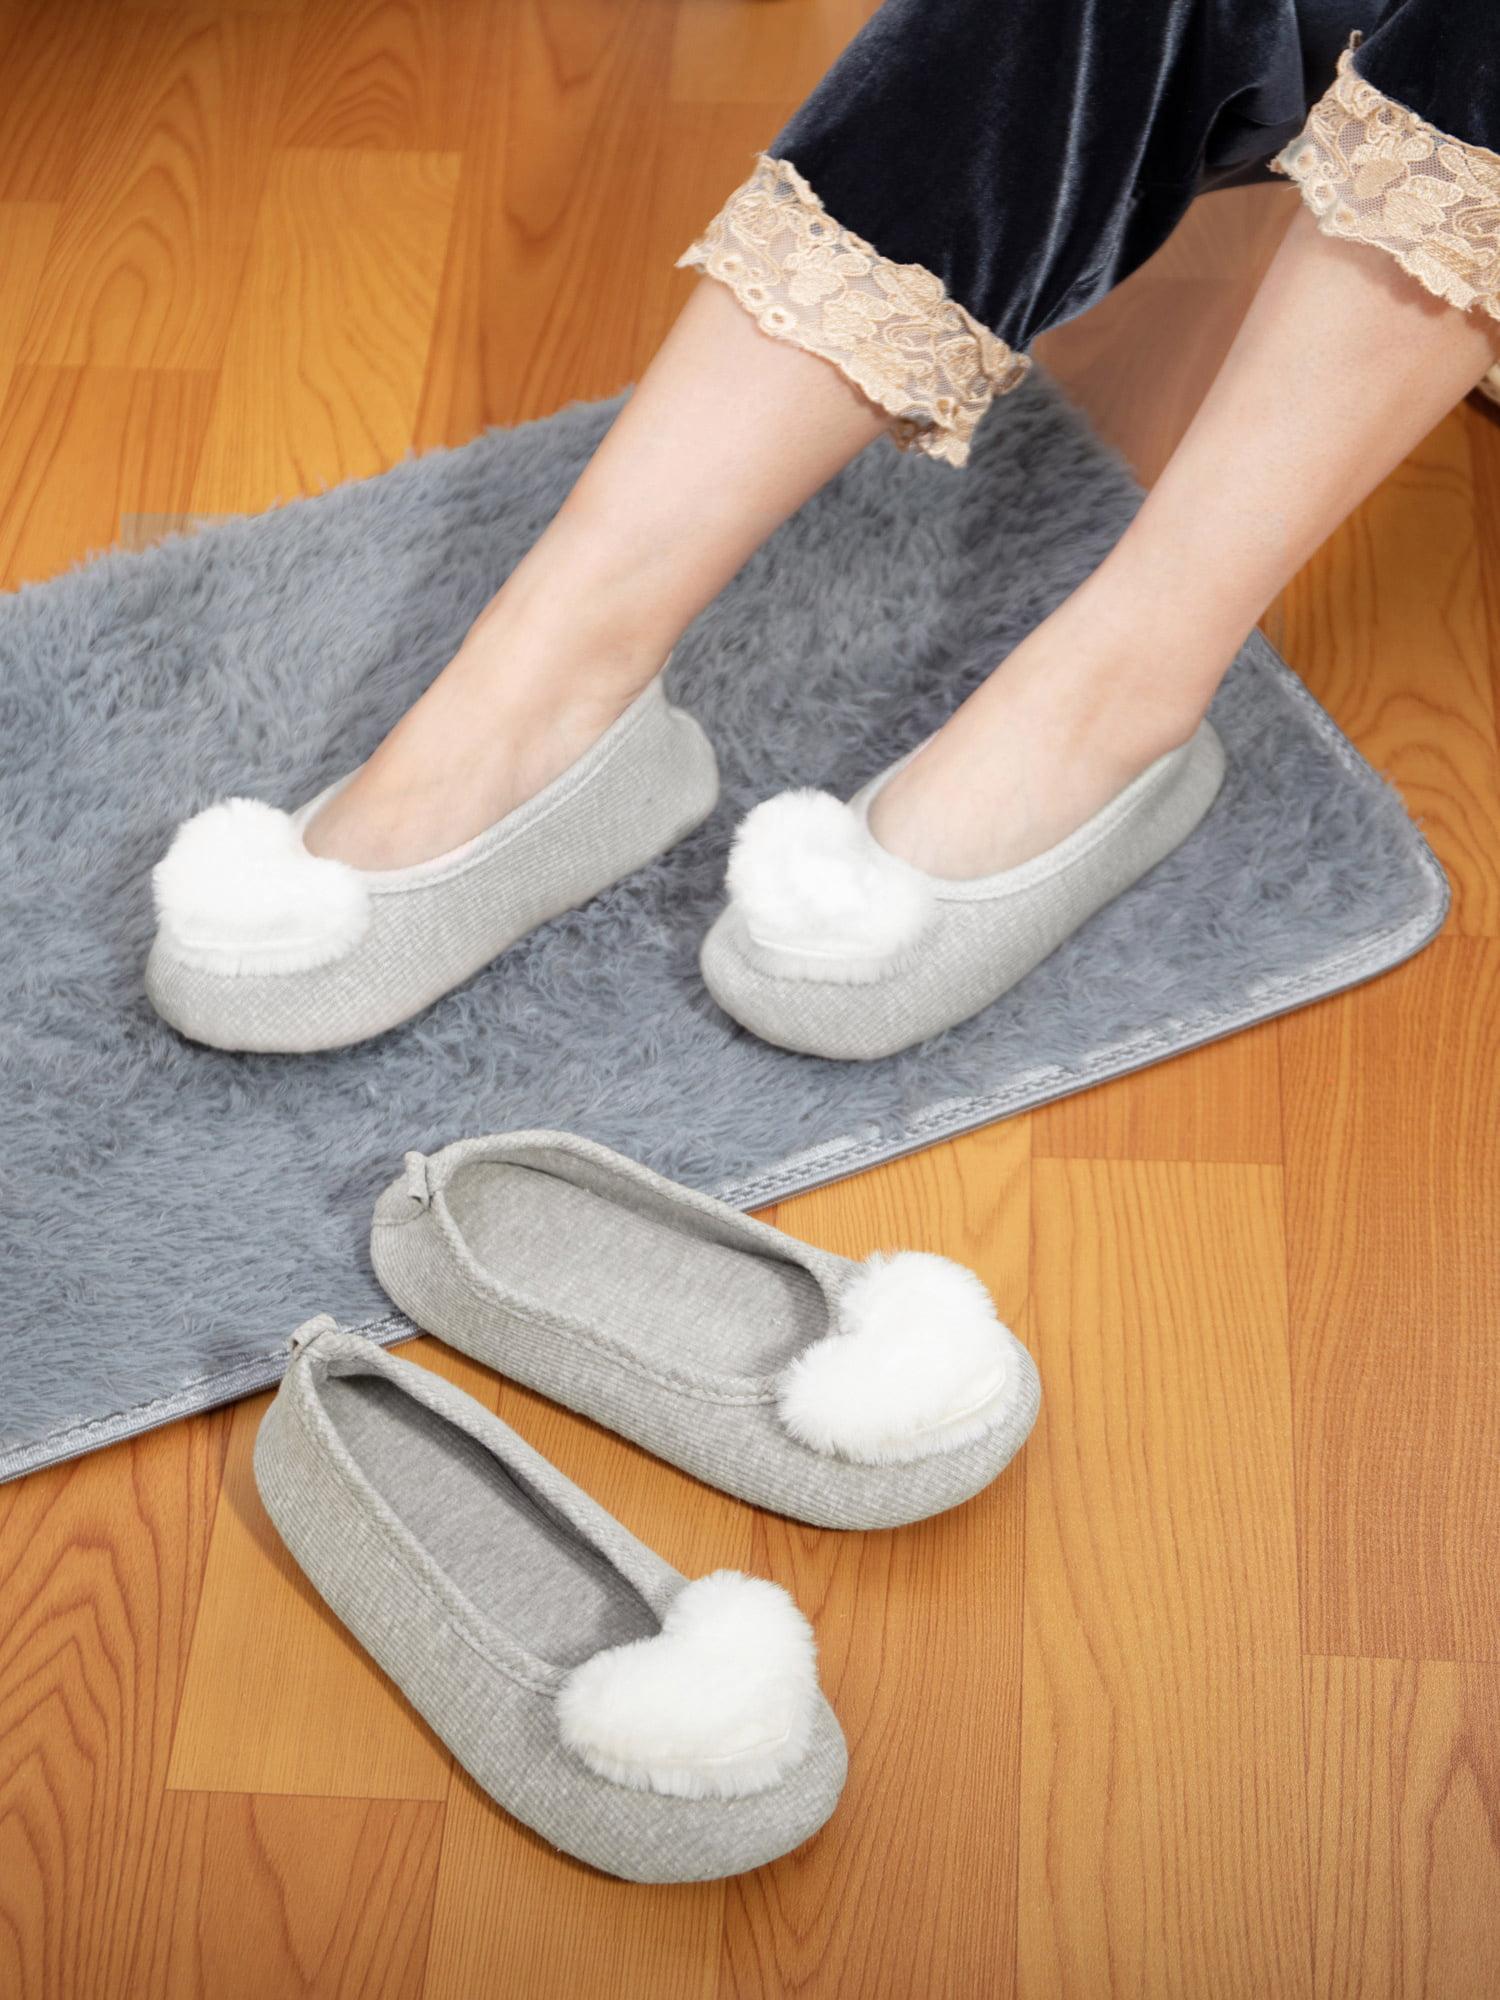 2Pack Women's Memory Foam Slippers Cute